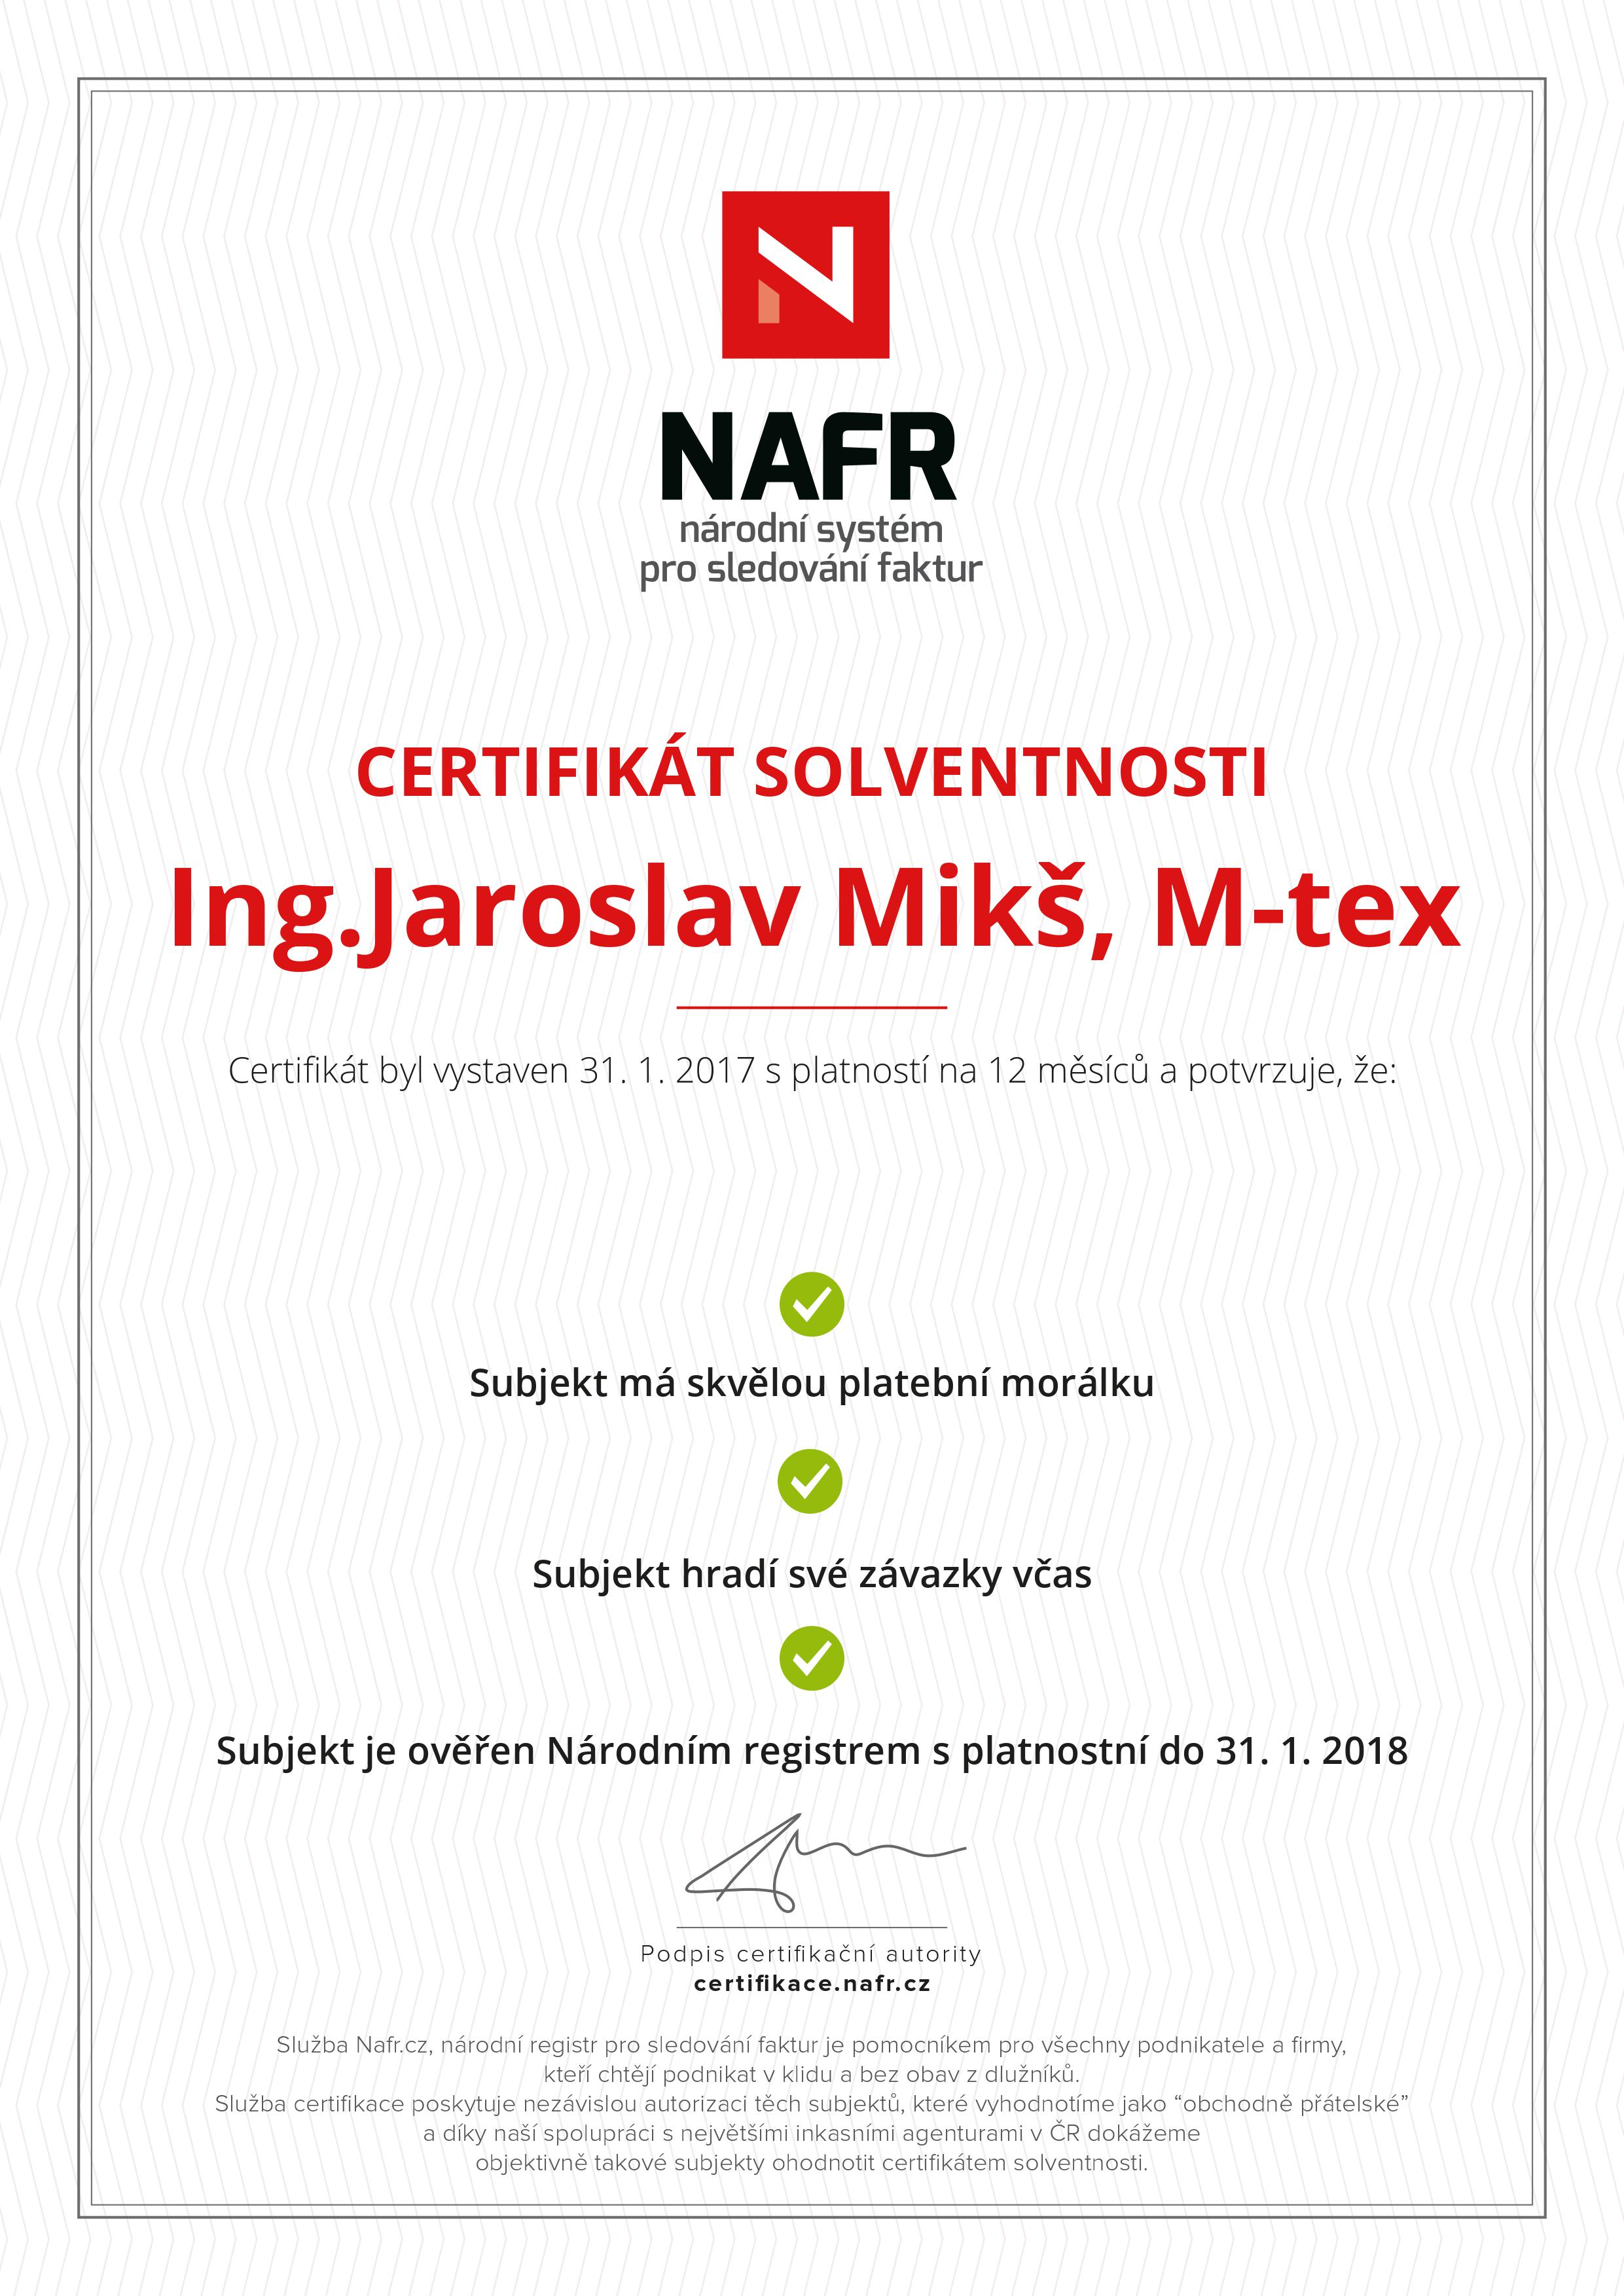 Certif.solvence